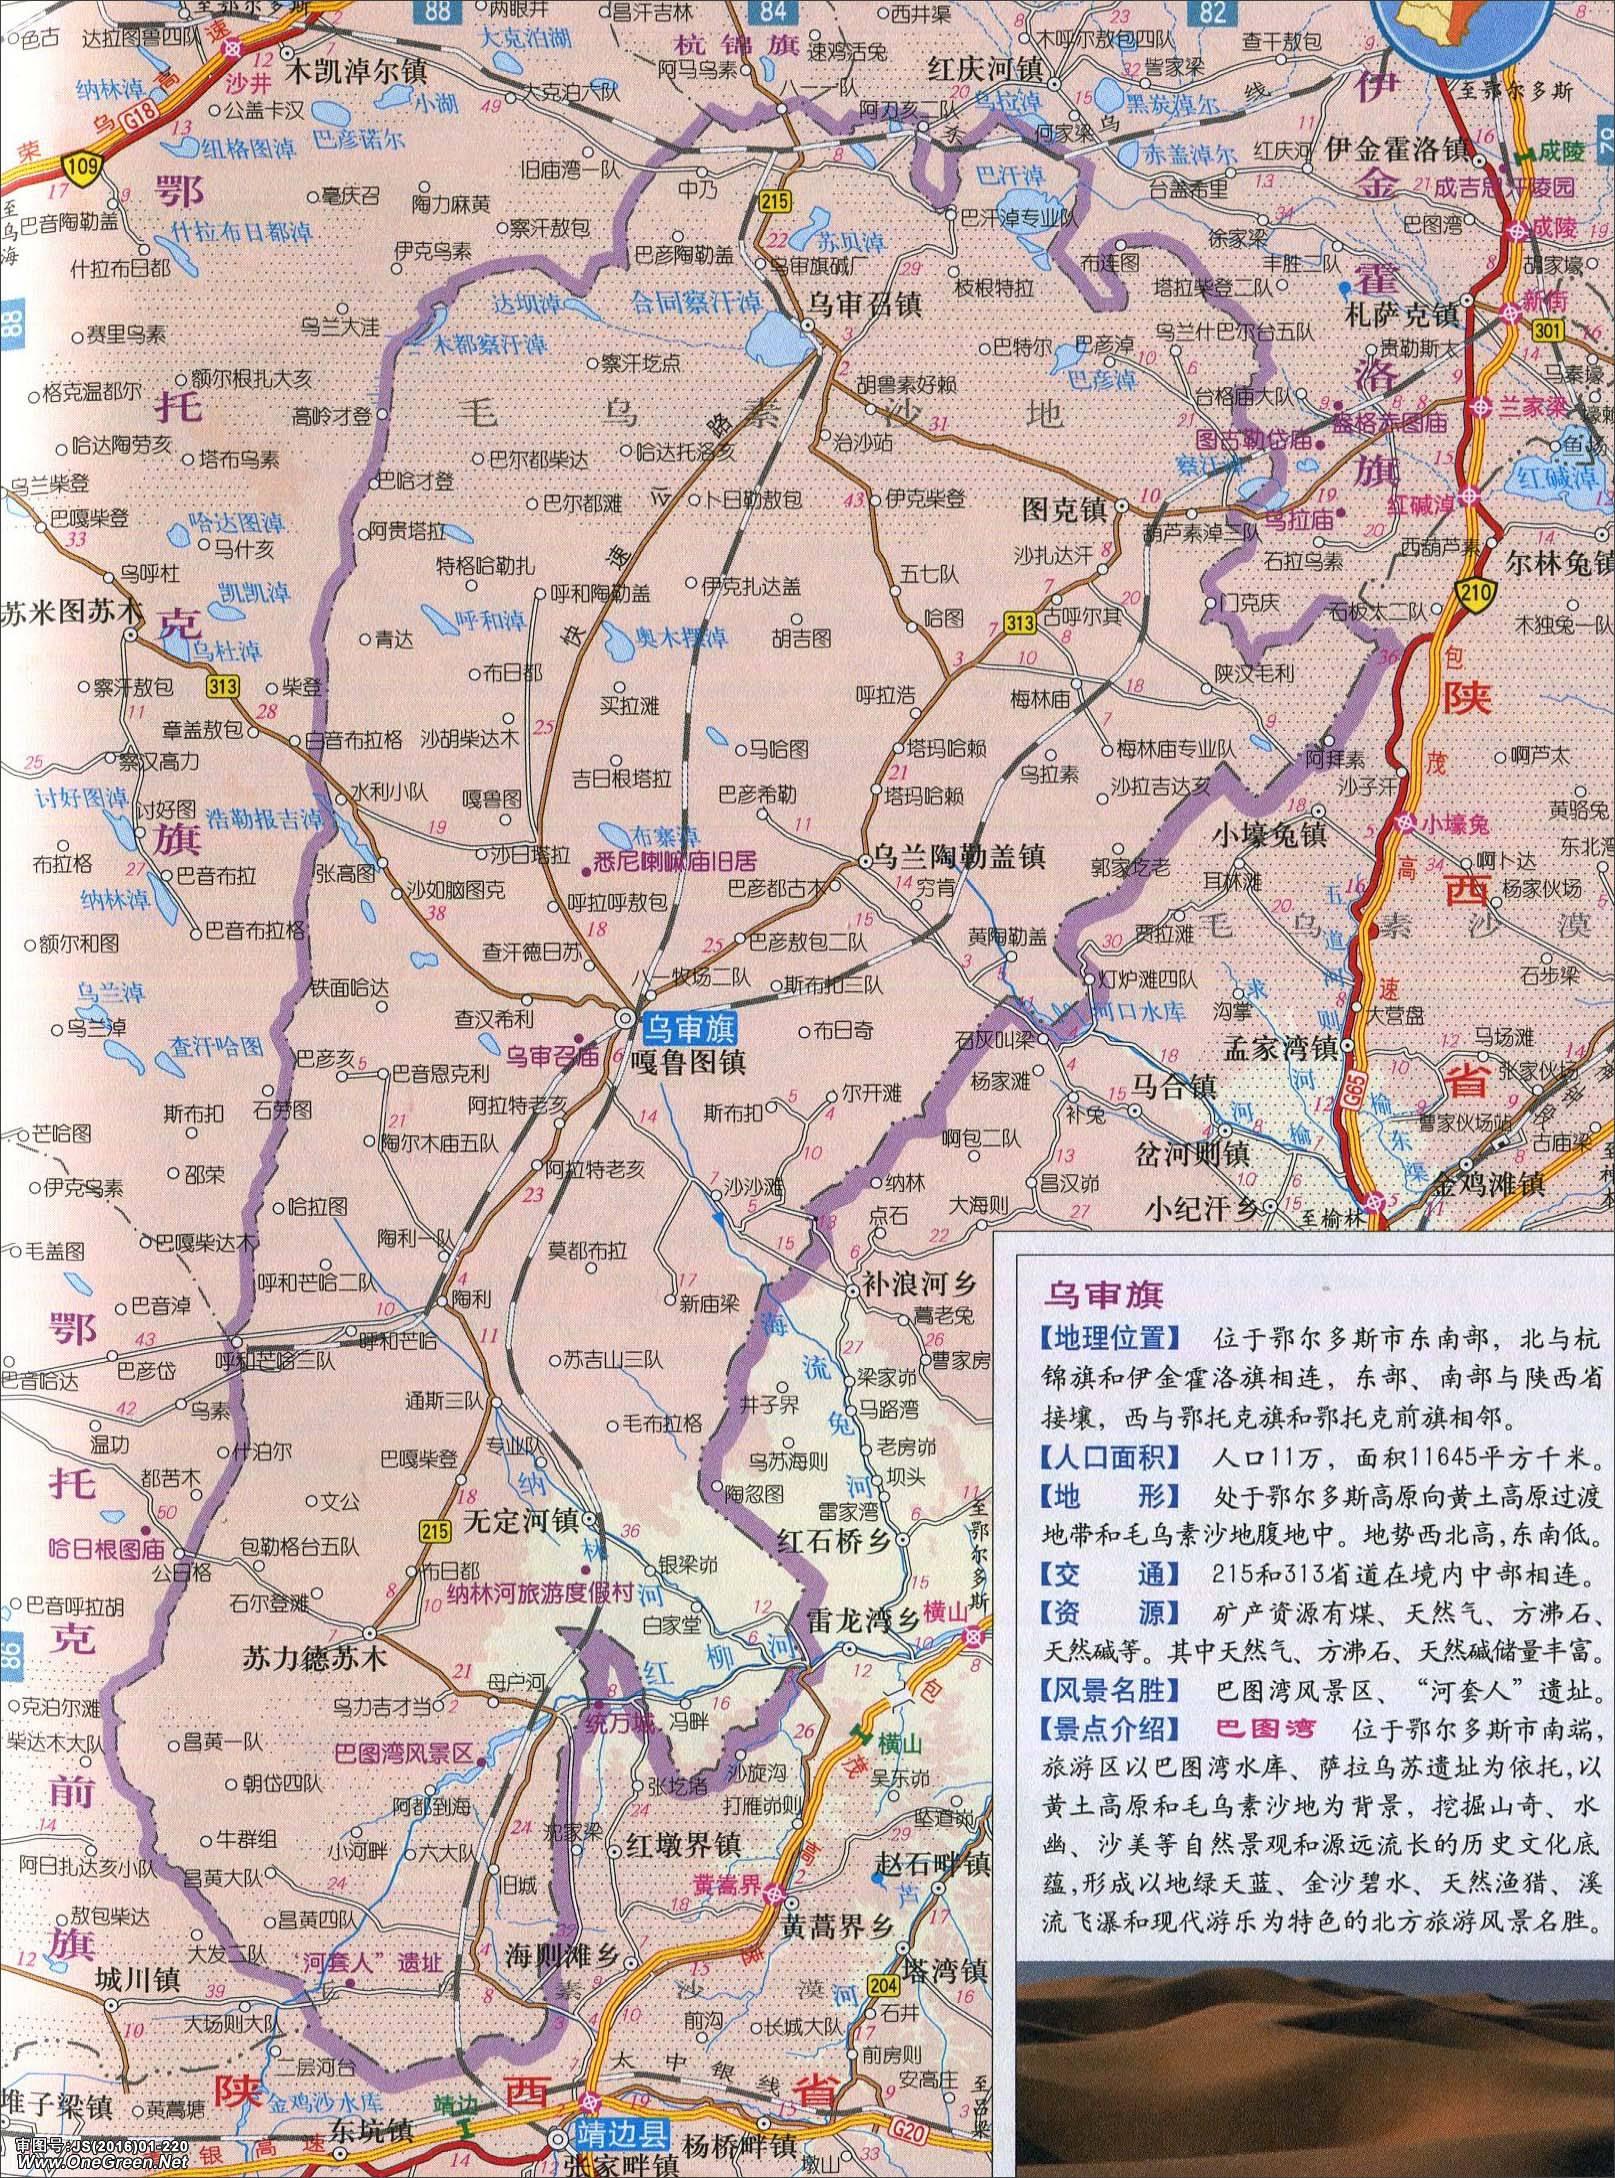 地图库 中国地图 内蒙古 鄂尔多斯 >> 乌审旗地图    世界各国 | 中国